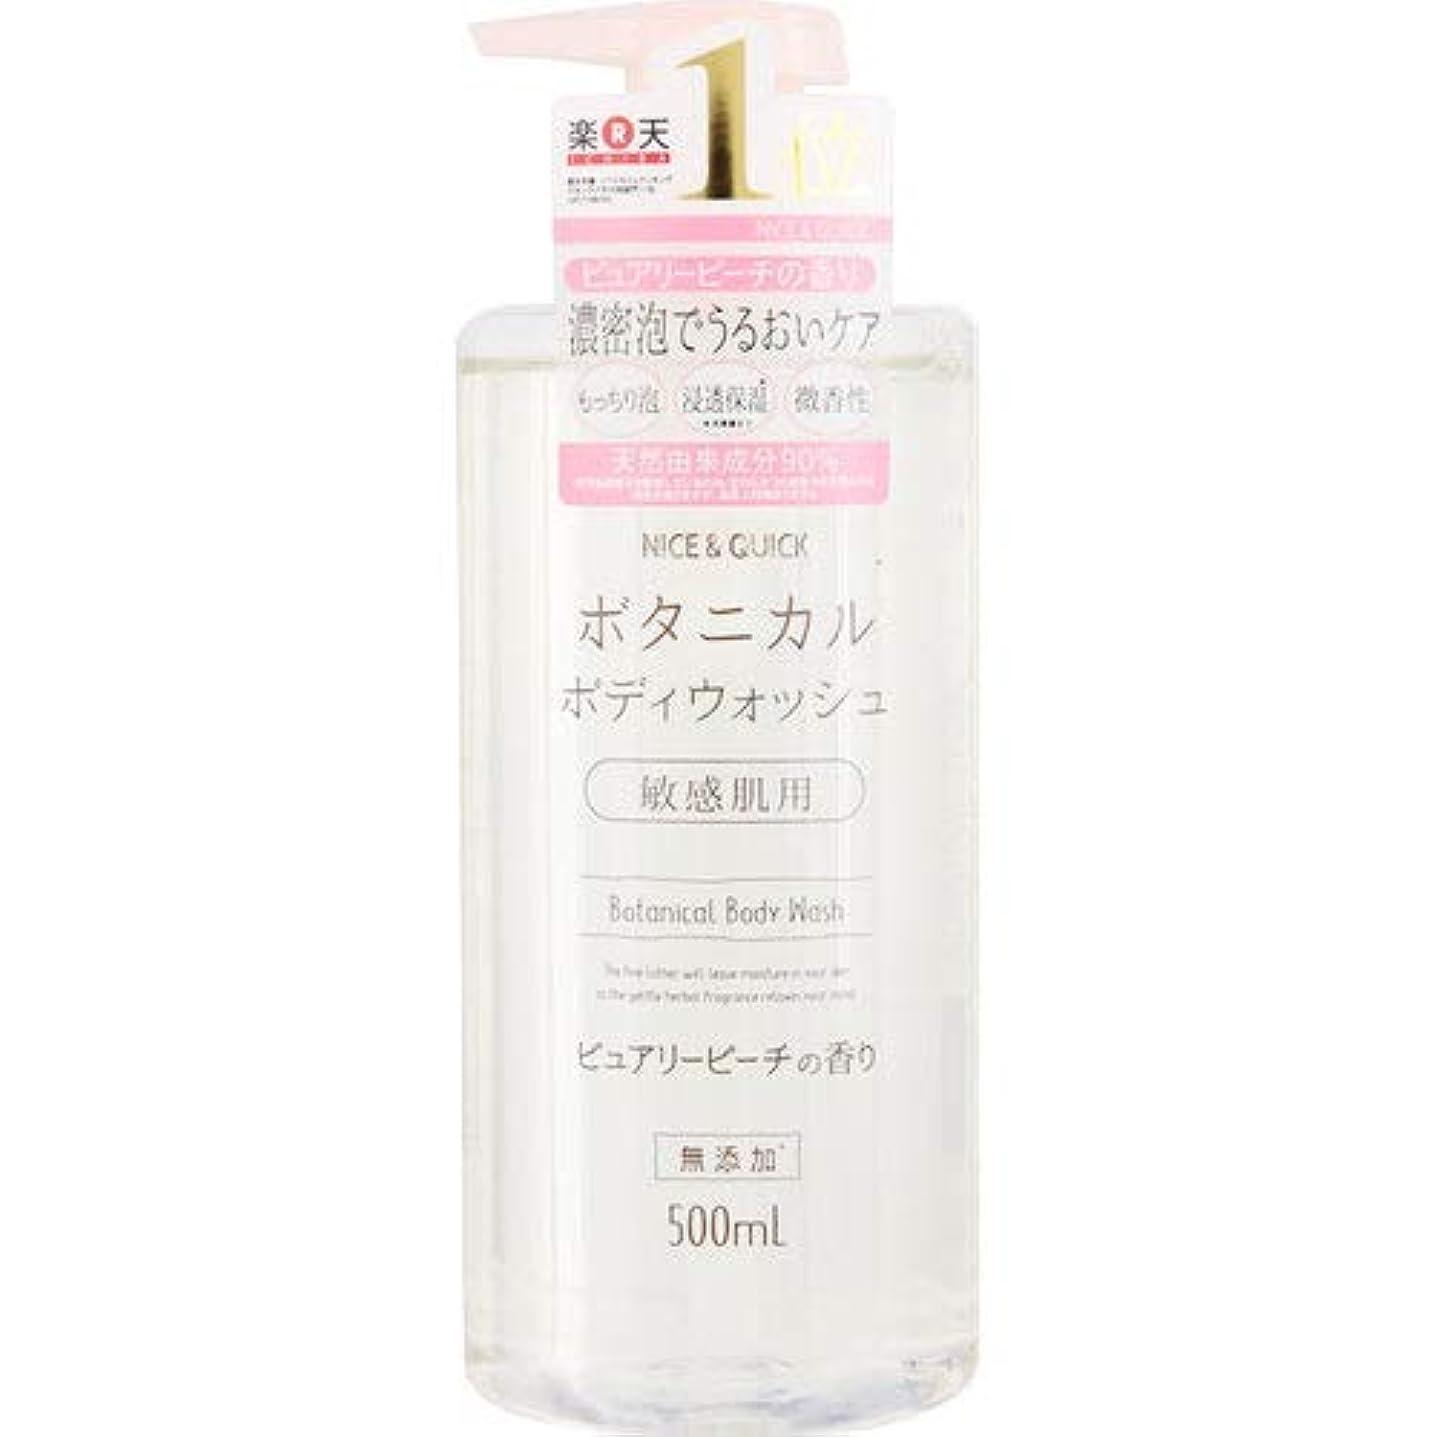 軽インタビューシリアルNICE&QUICK ボタニカル ボディウォッシュ ピュアリーピーチの香り 500ml ナイスクイック